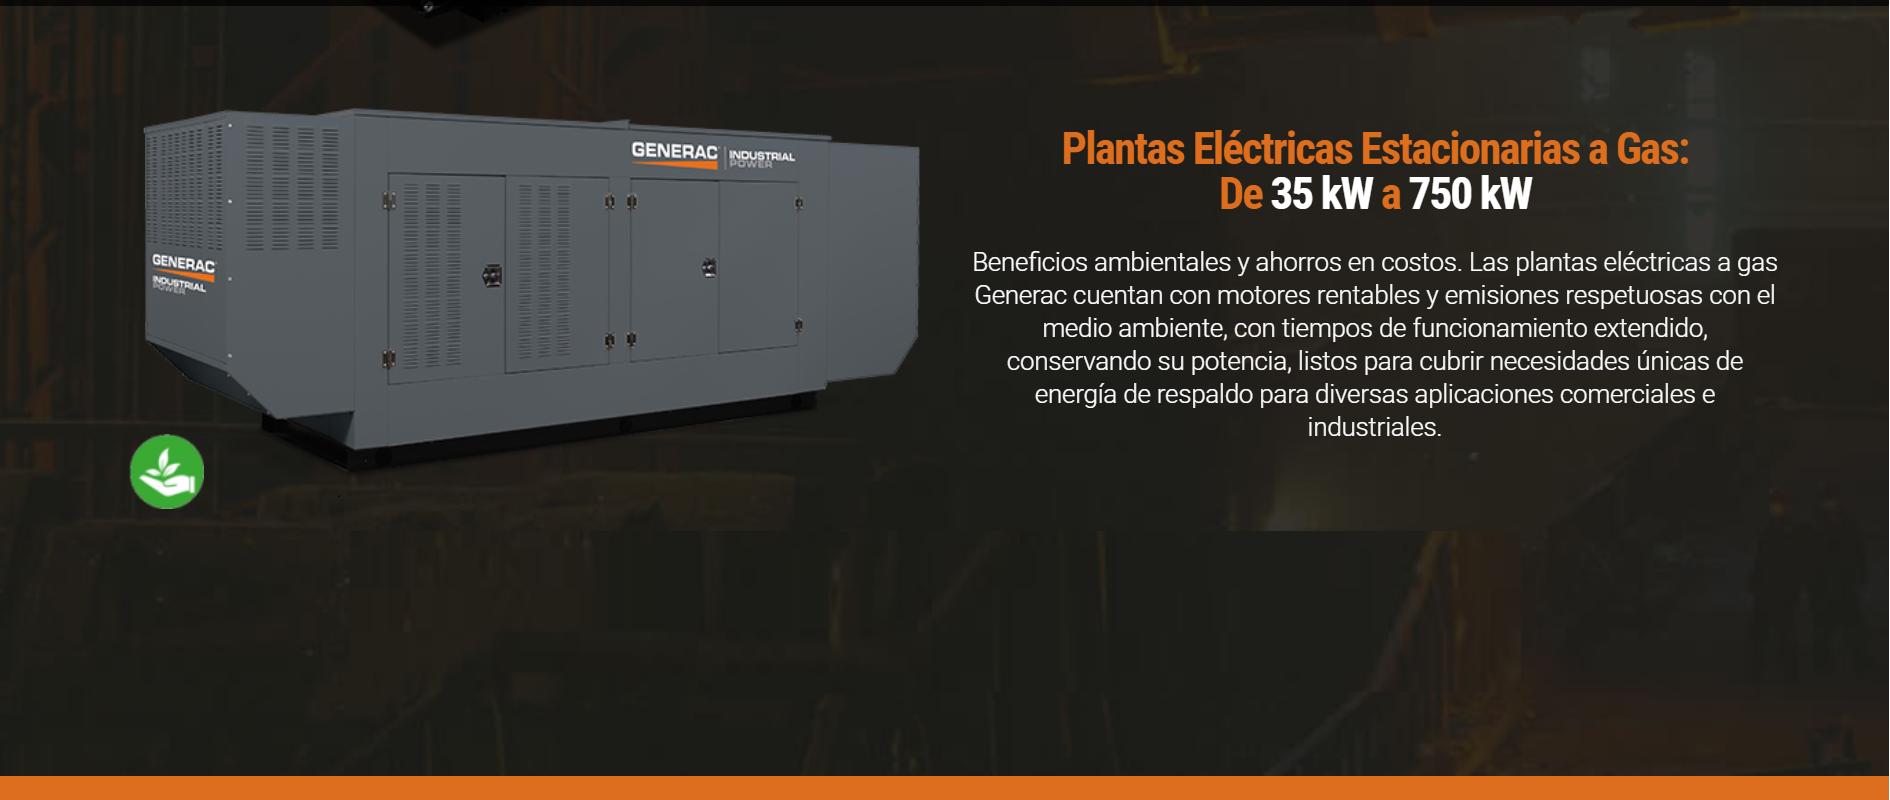 Plantas Eléctricas Estacionarias a Gas De 35 kW a 750 kW